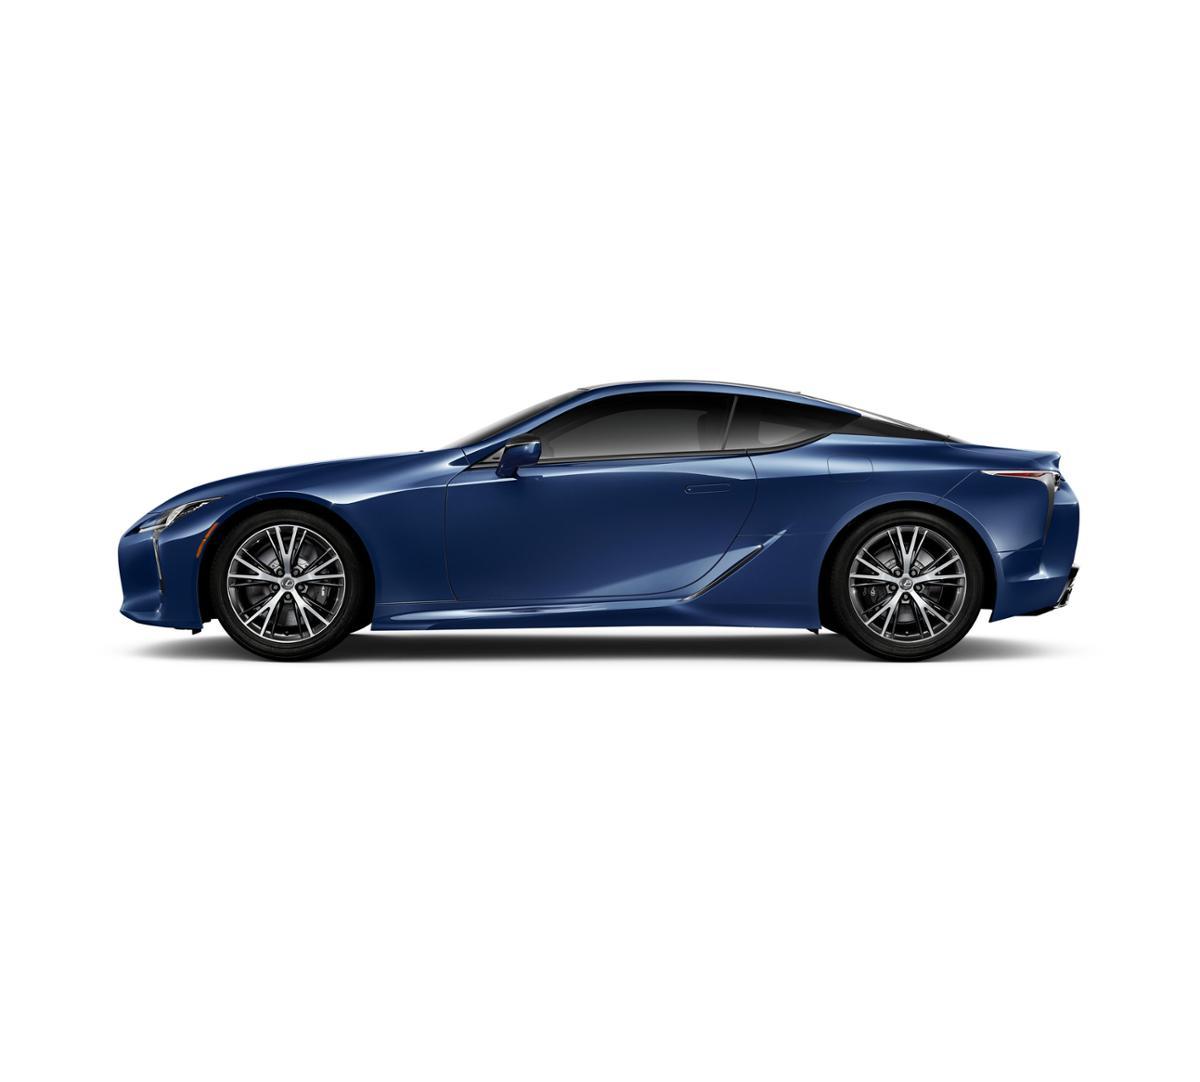 2019 Lexus Lc: 2019 Lexus LC 500 52028